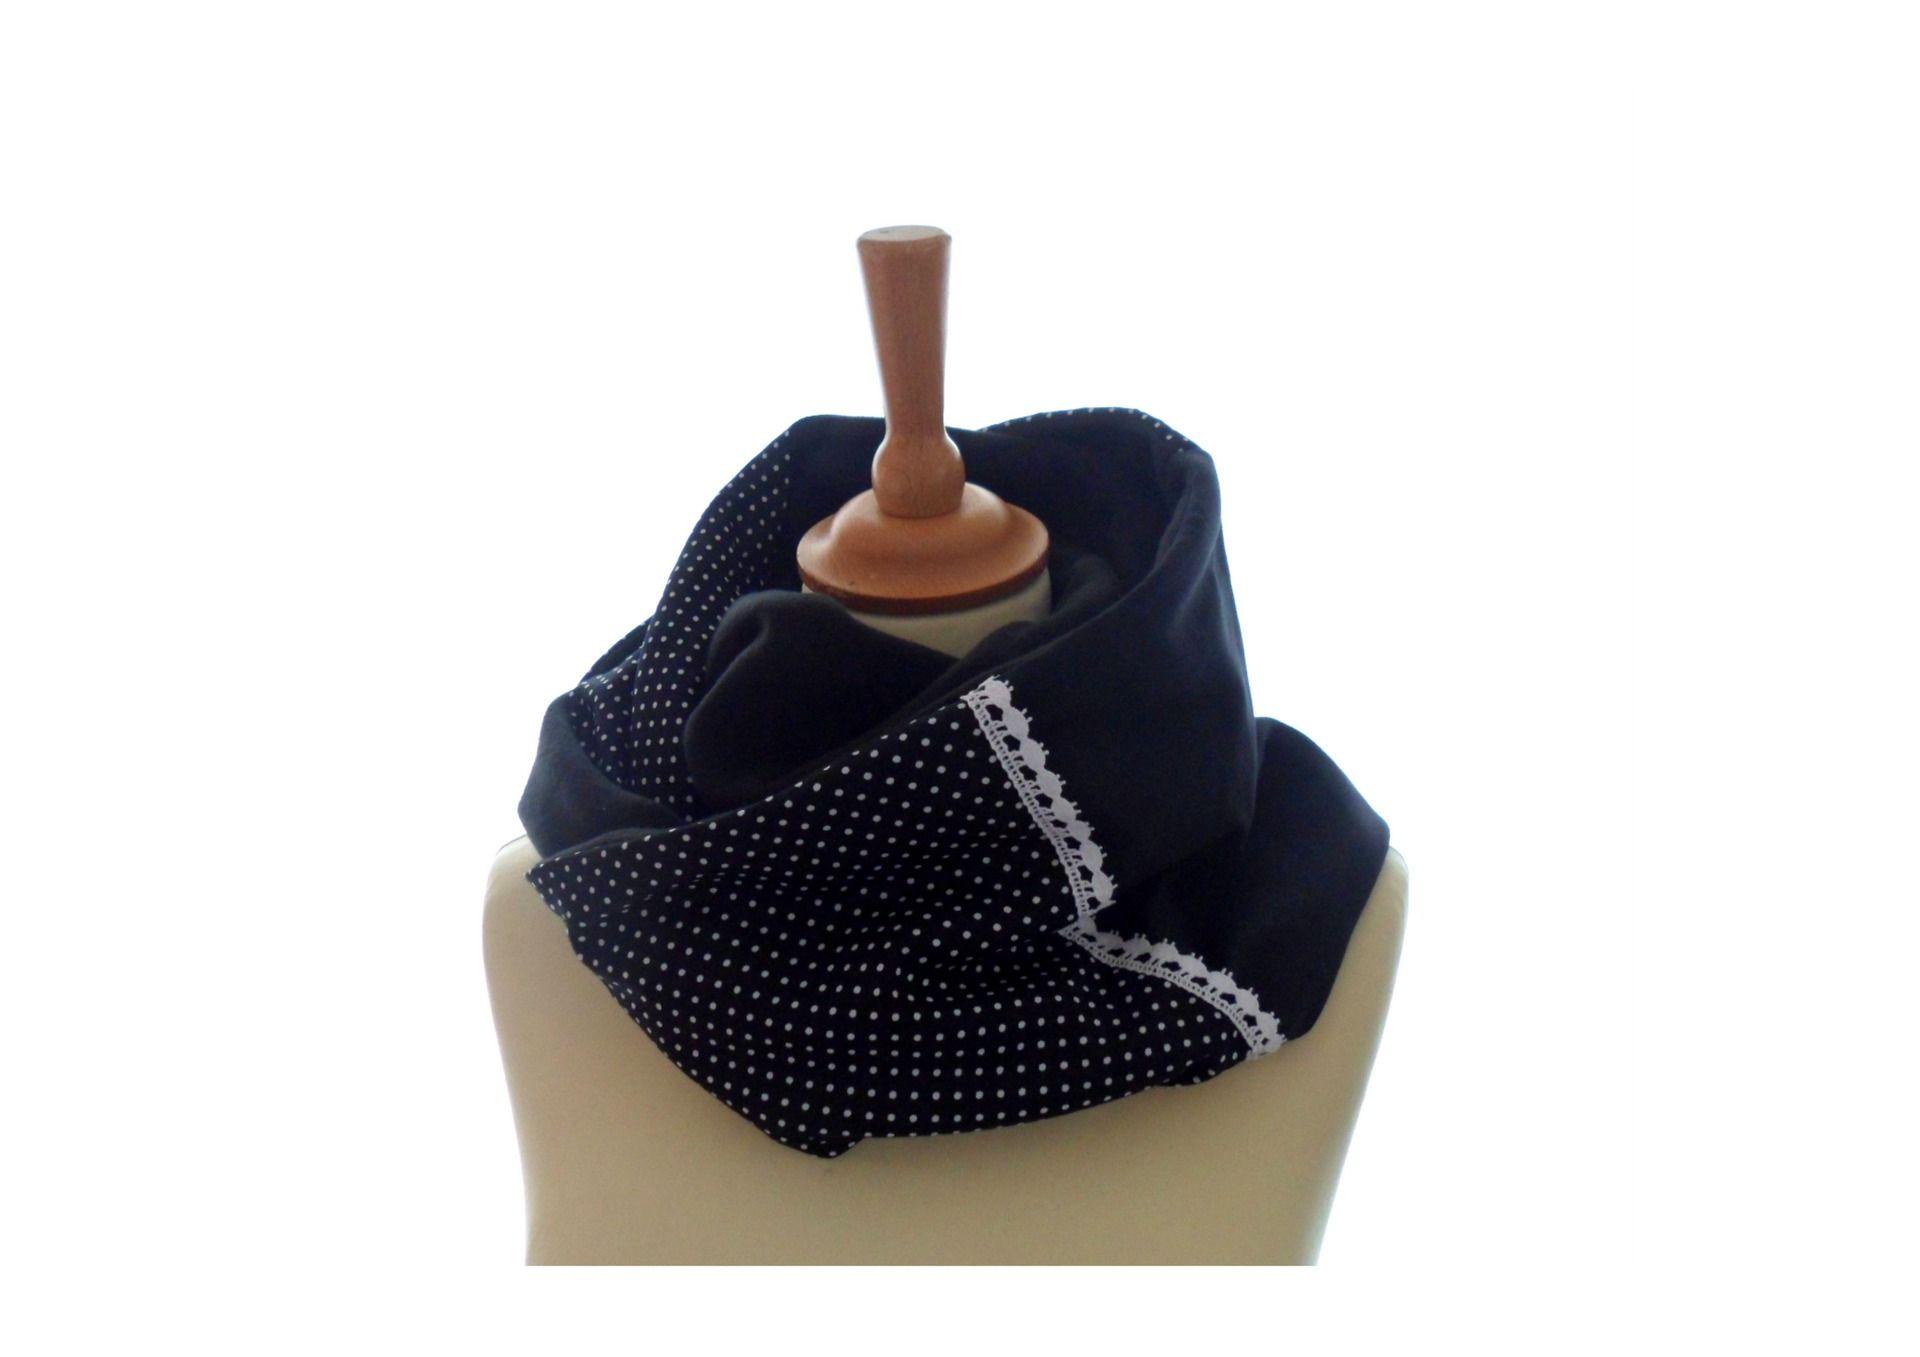 e1ad69f10aa7 écharpe Snood double loop Noir et pois blanc dentelle   Echarpe, foulard,  cravate par valierre